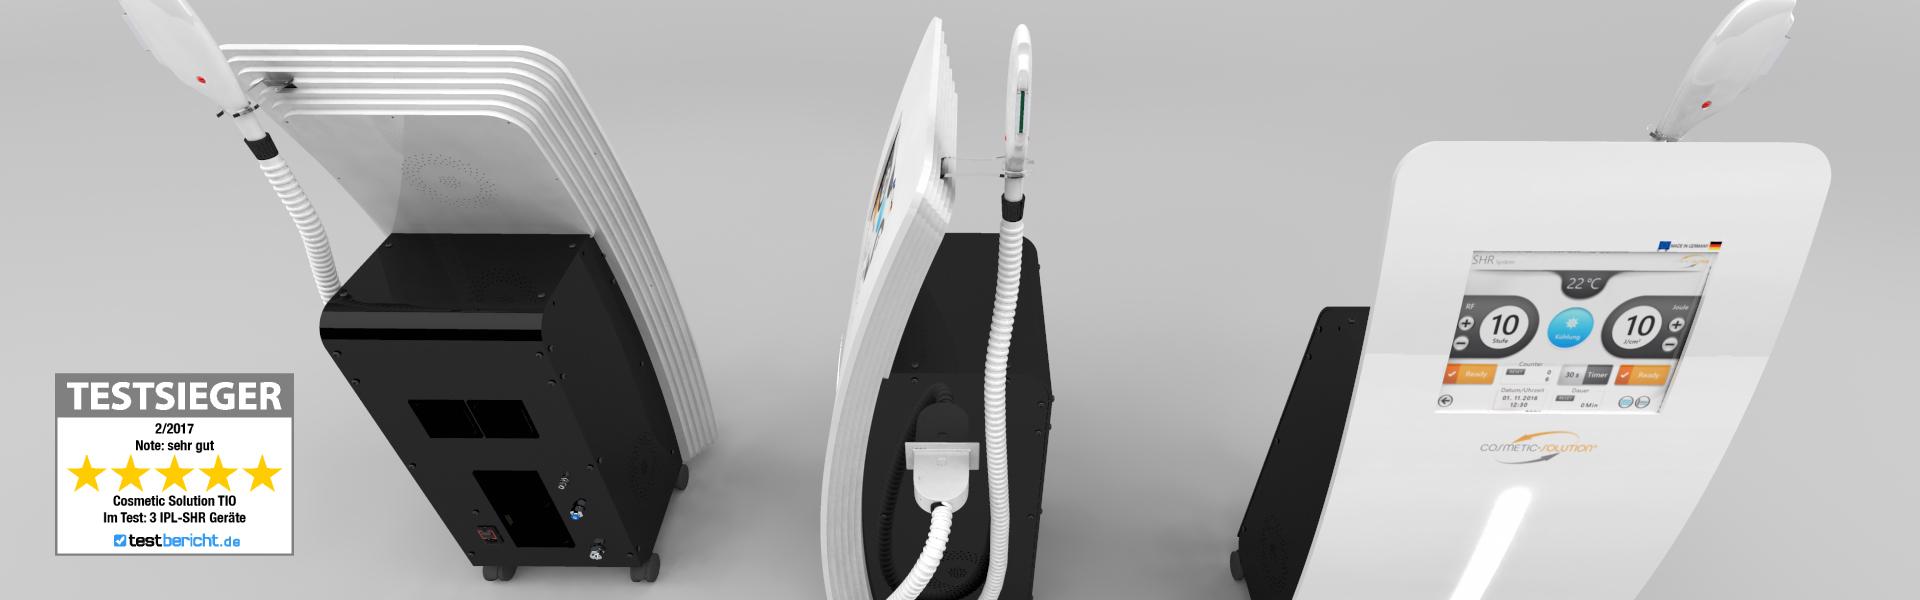 Tio IPL-SHR Geräte Dauerhafte Haarentfernung